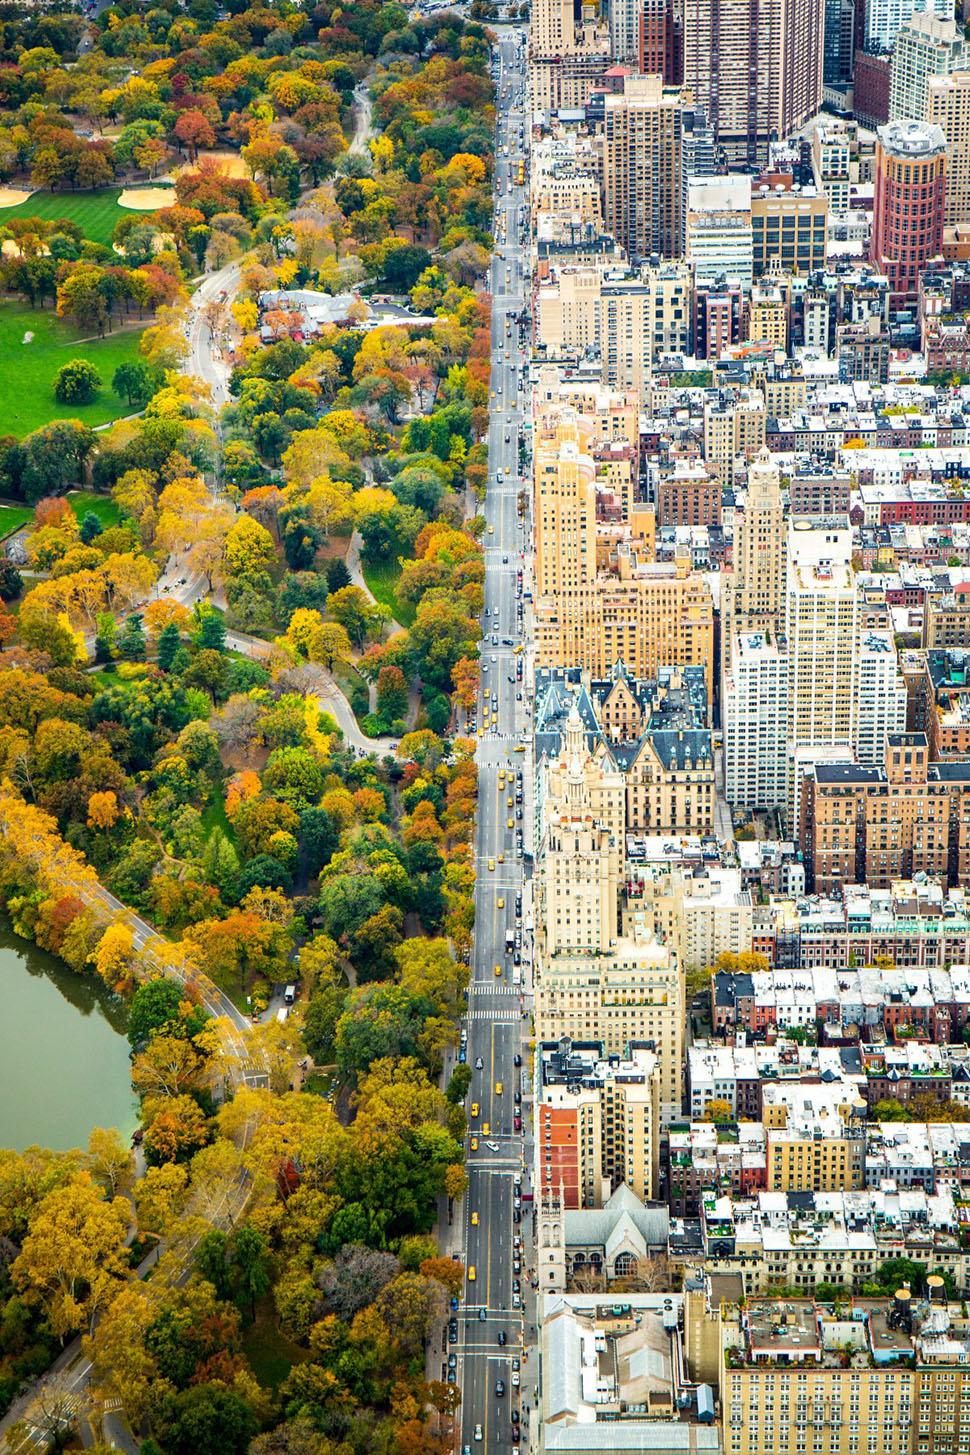 Почетное упоминание в категории «Города» — Кейтлин Долматч, «Раздел» (Divide). На фотографии четко в